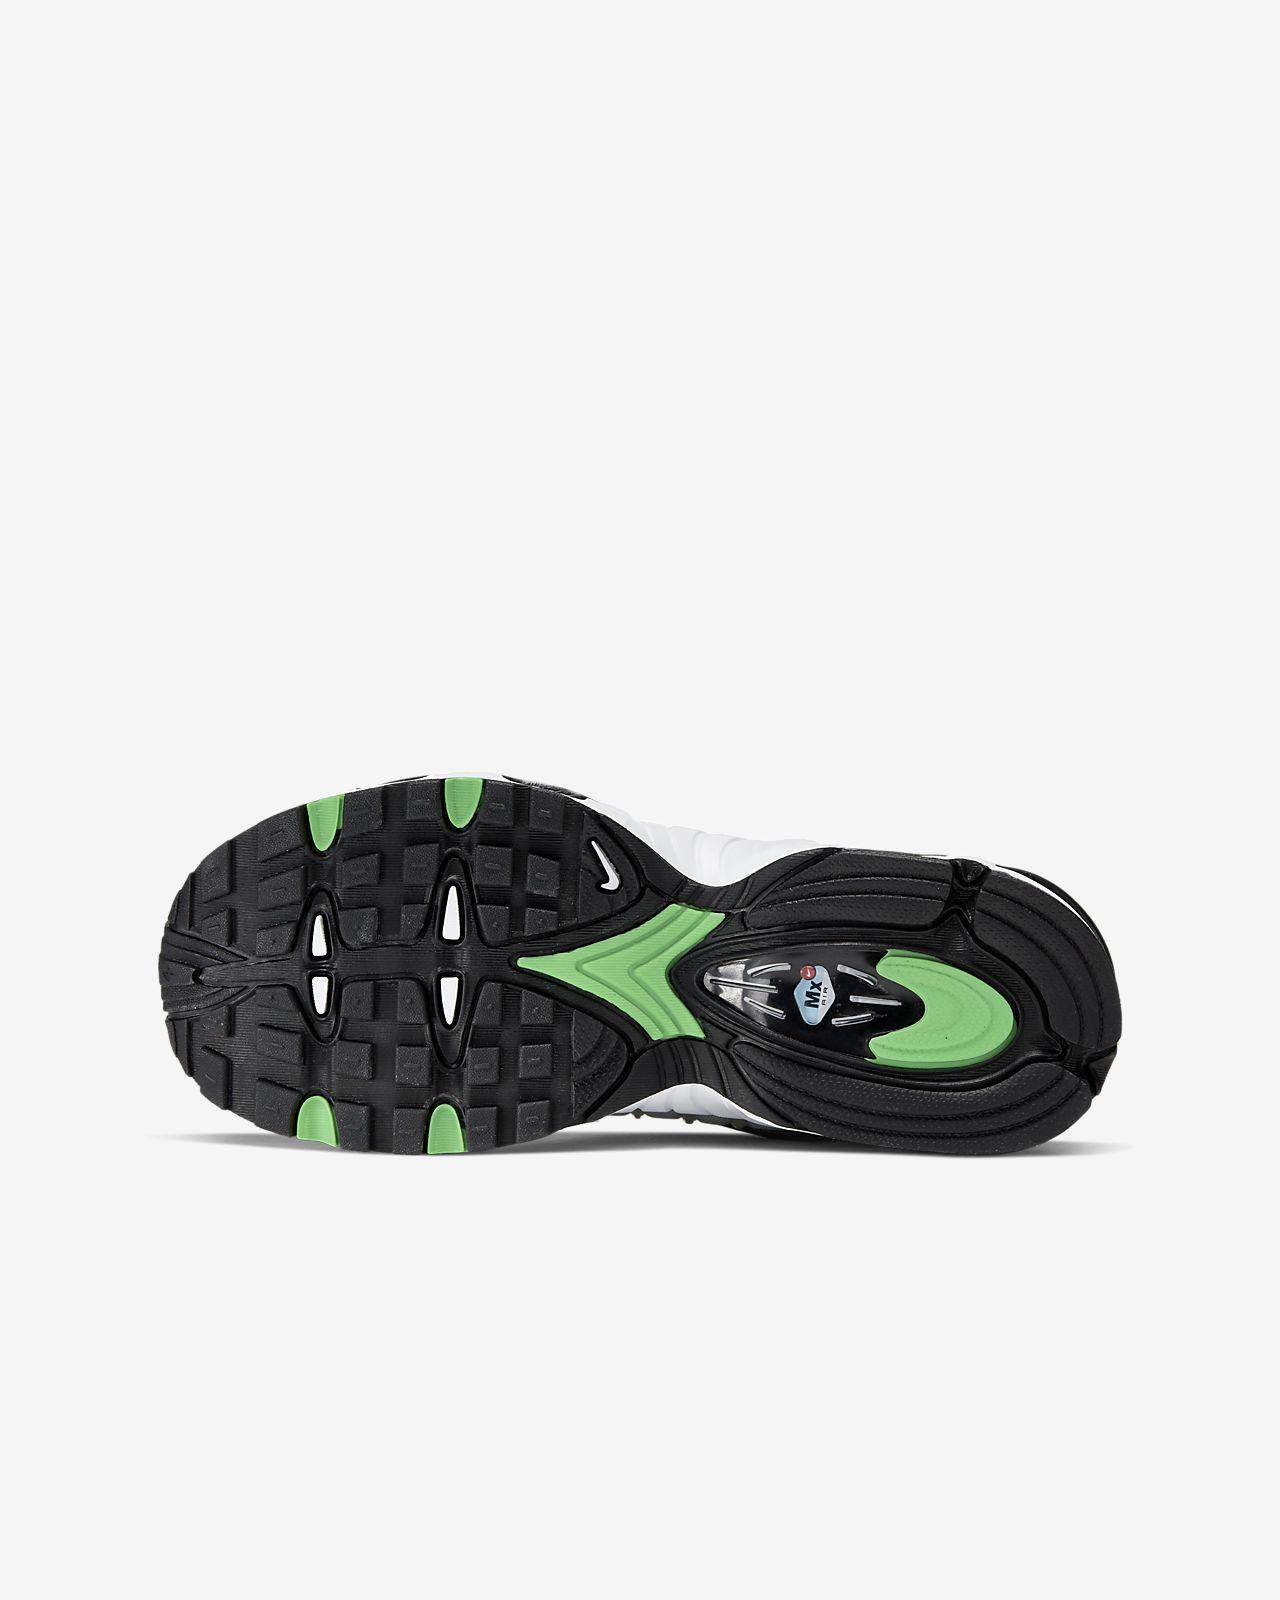 Compre Nike Air Max Tailwind IV Nuevas Zapatillas Air